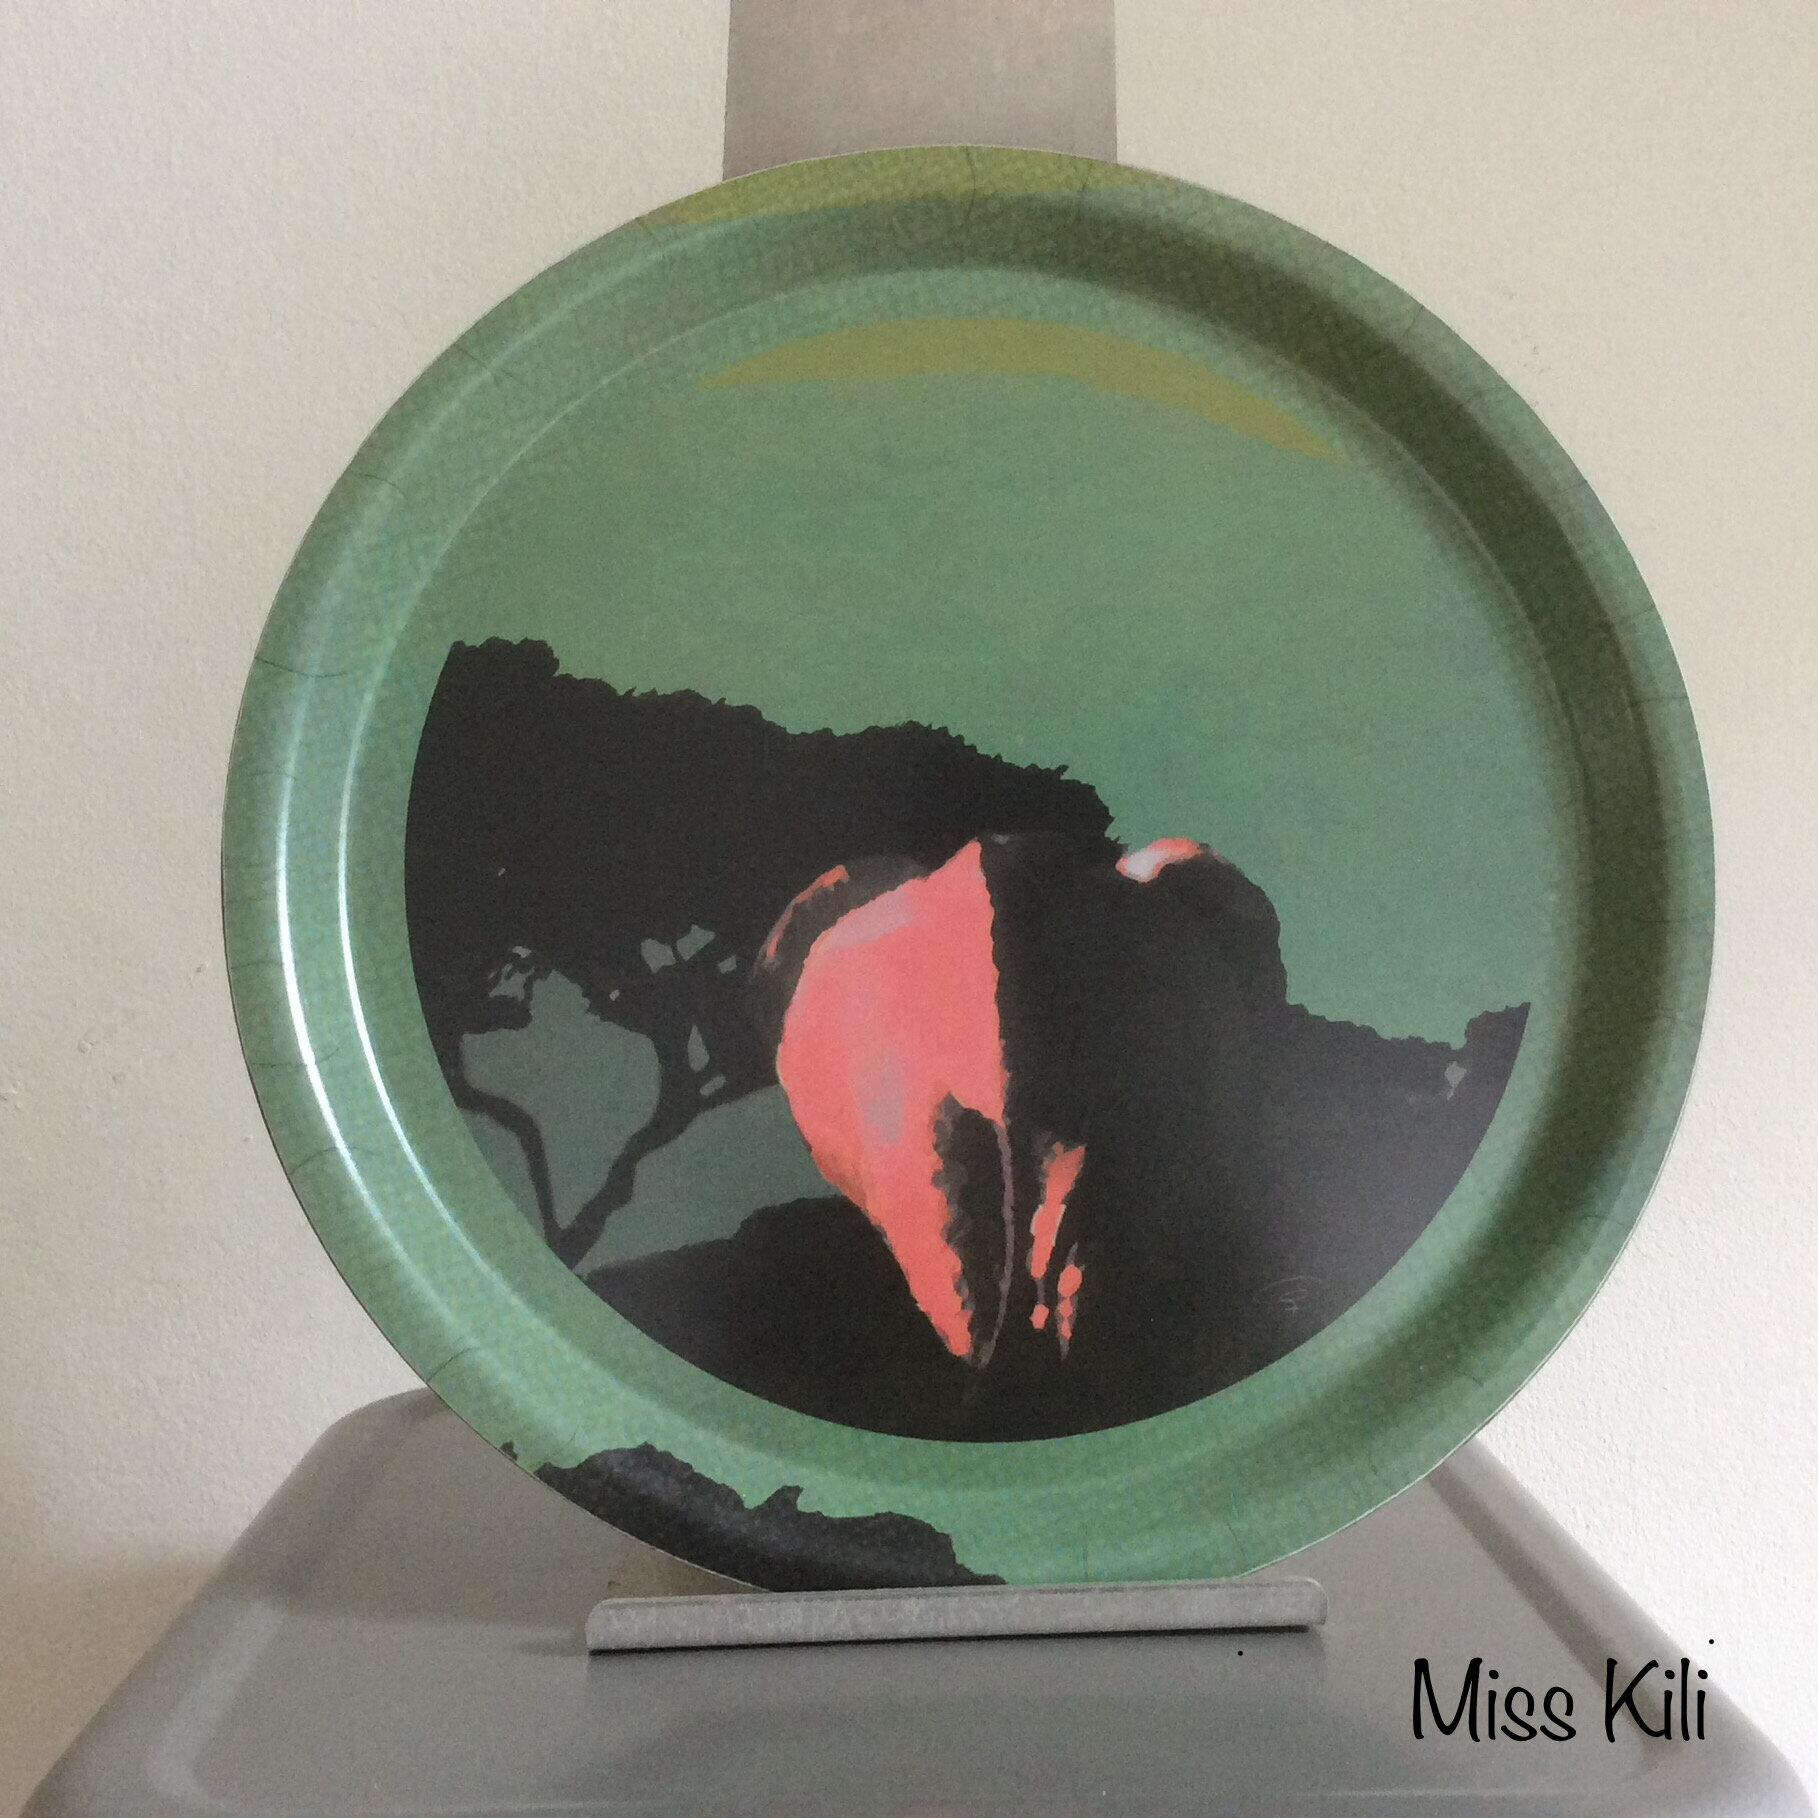 plateau miss Kili, diam 29,5 cm